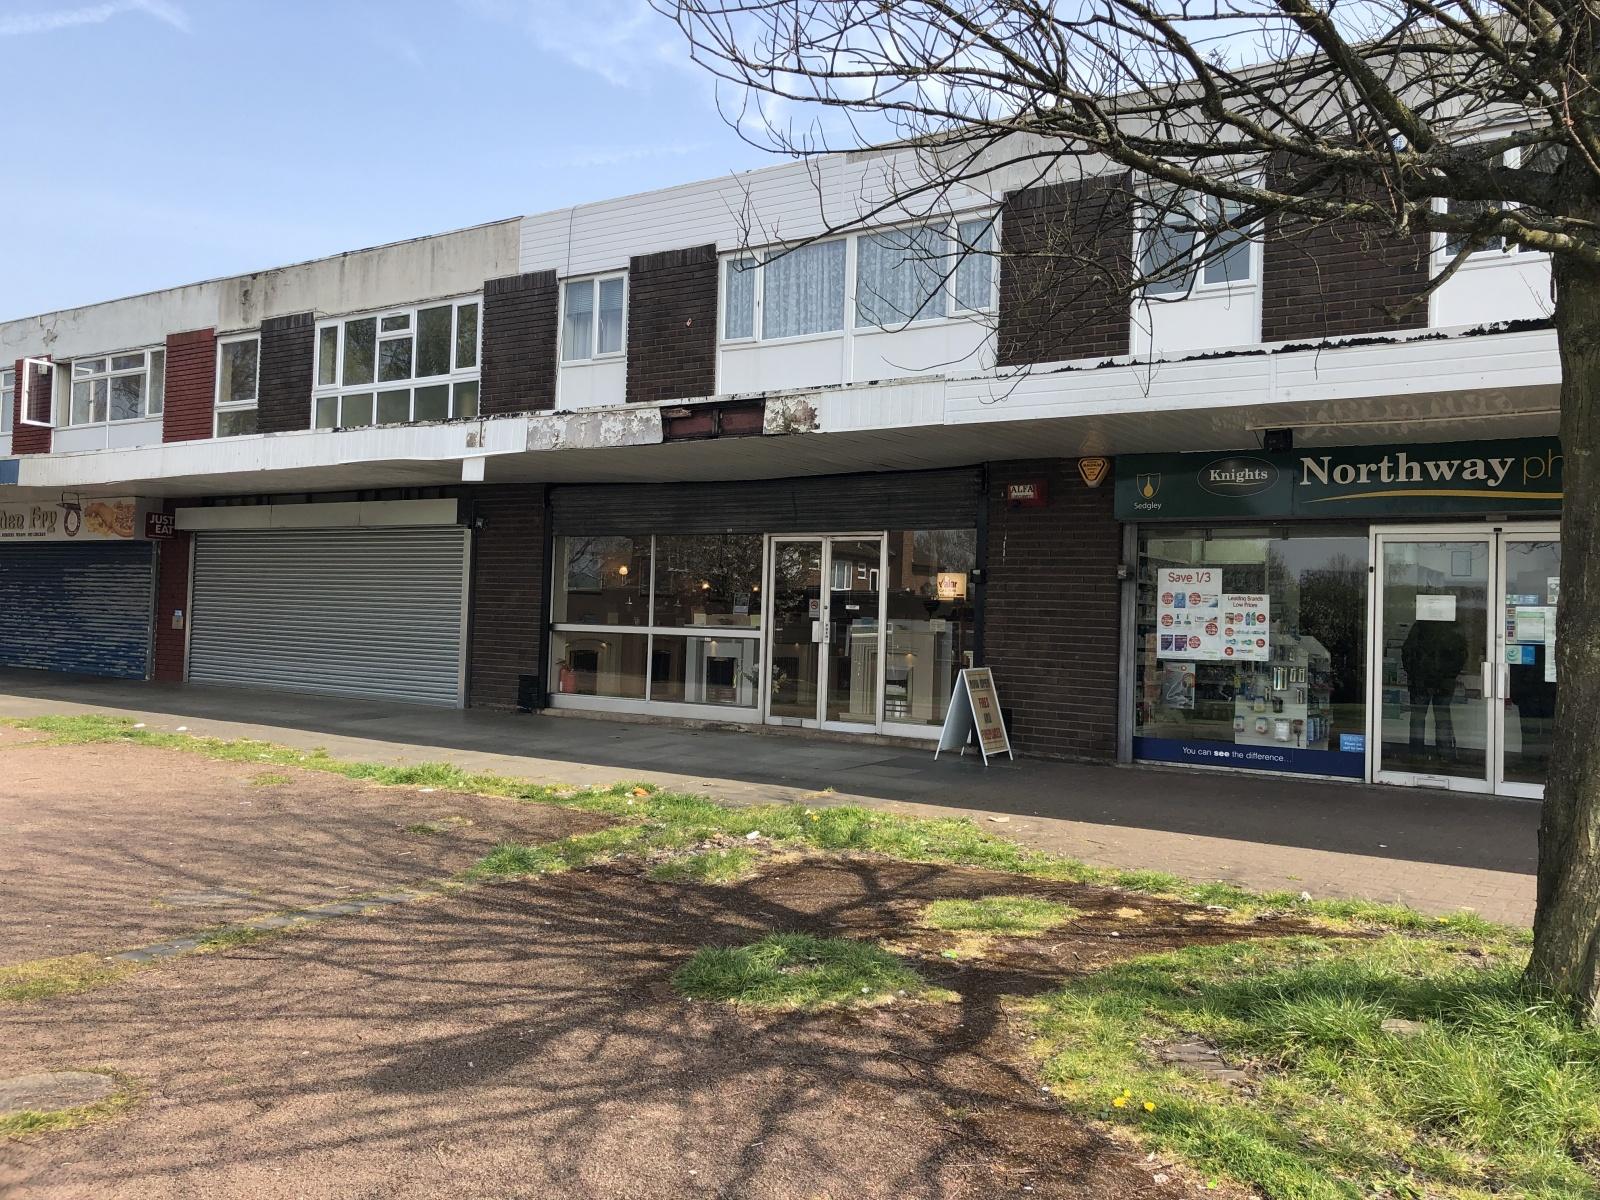 5, Alderwood Precinct, Northway, Sedgley, West Midlands